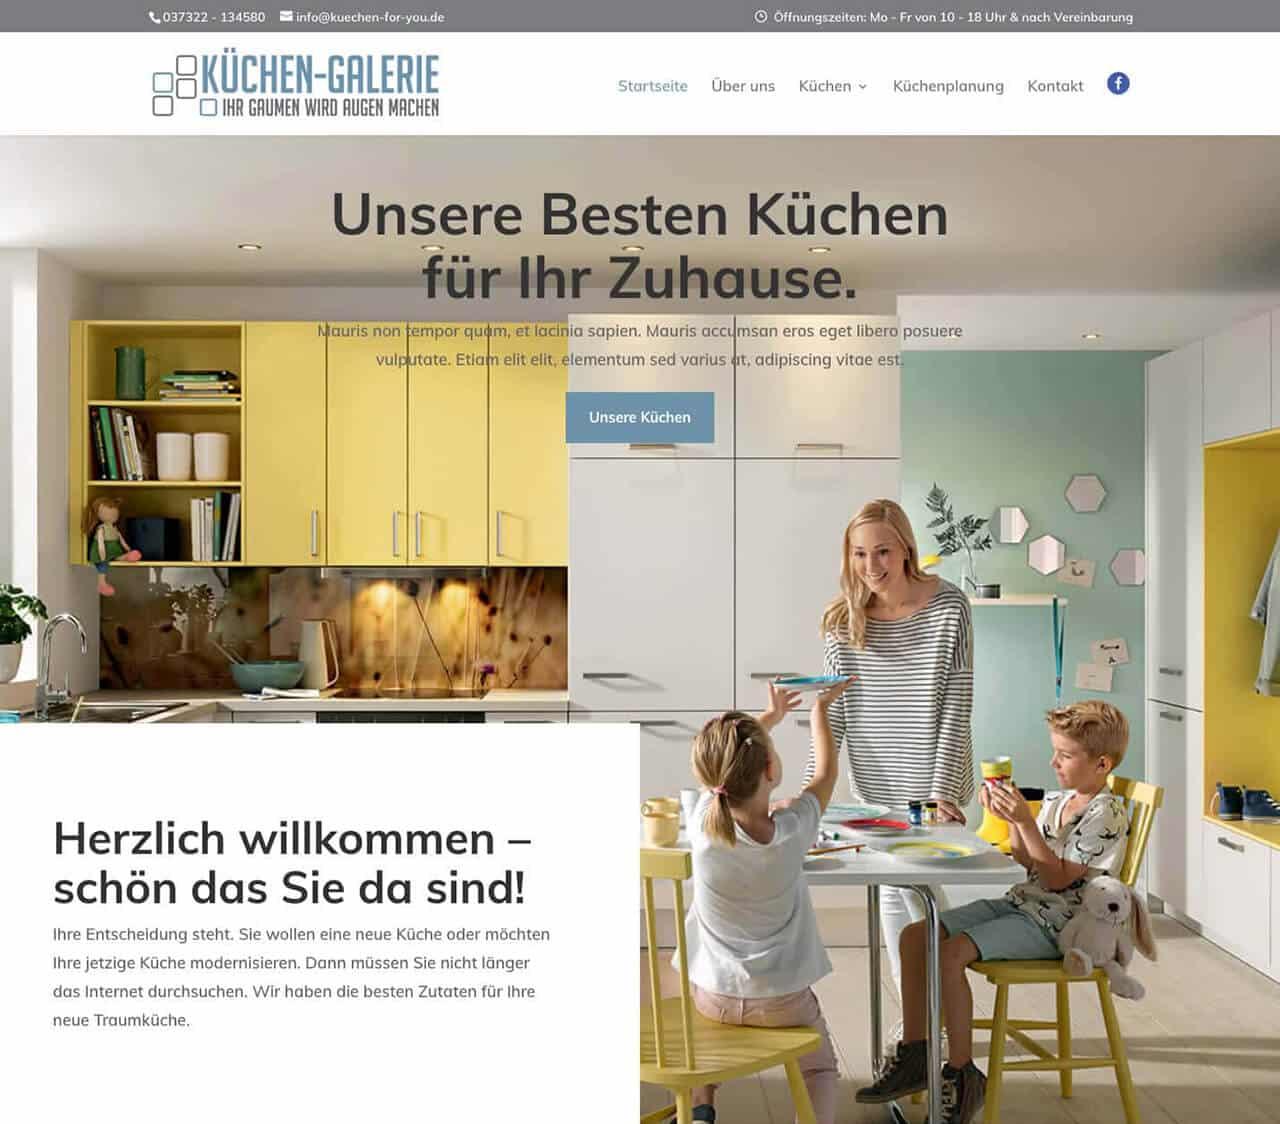 Küchen-Galerie